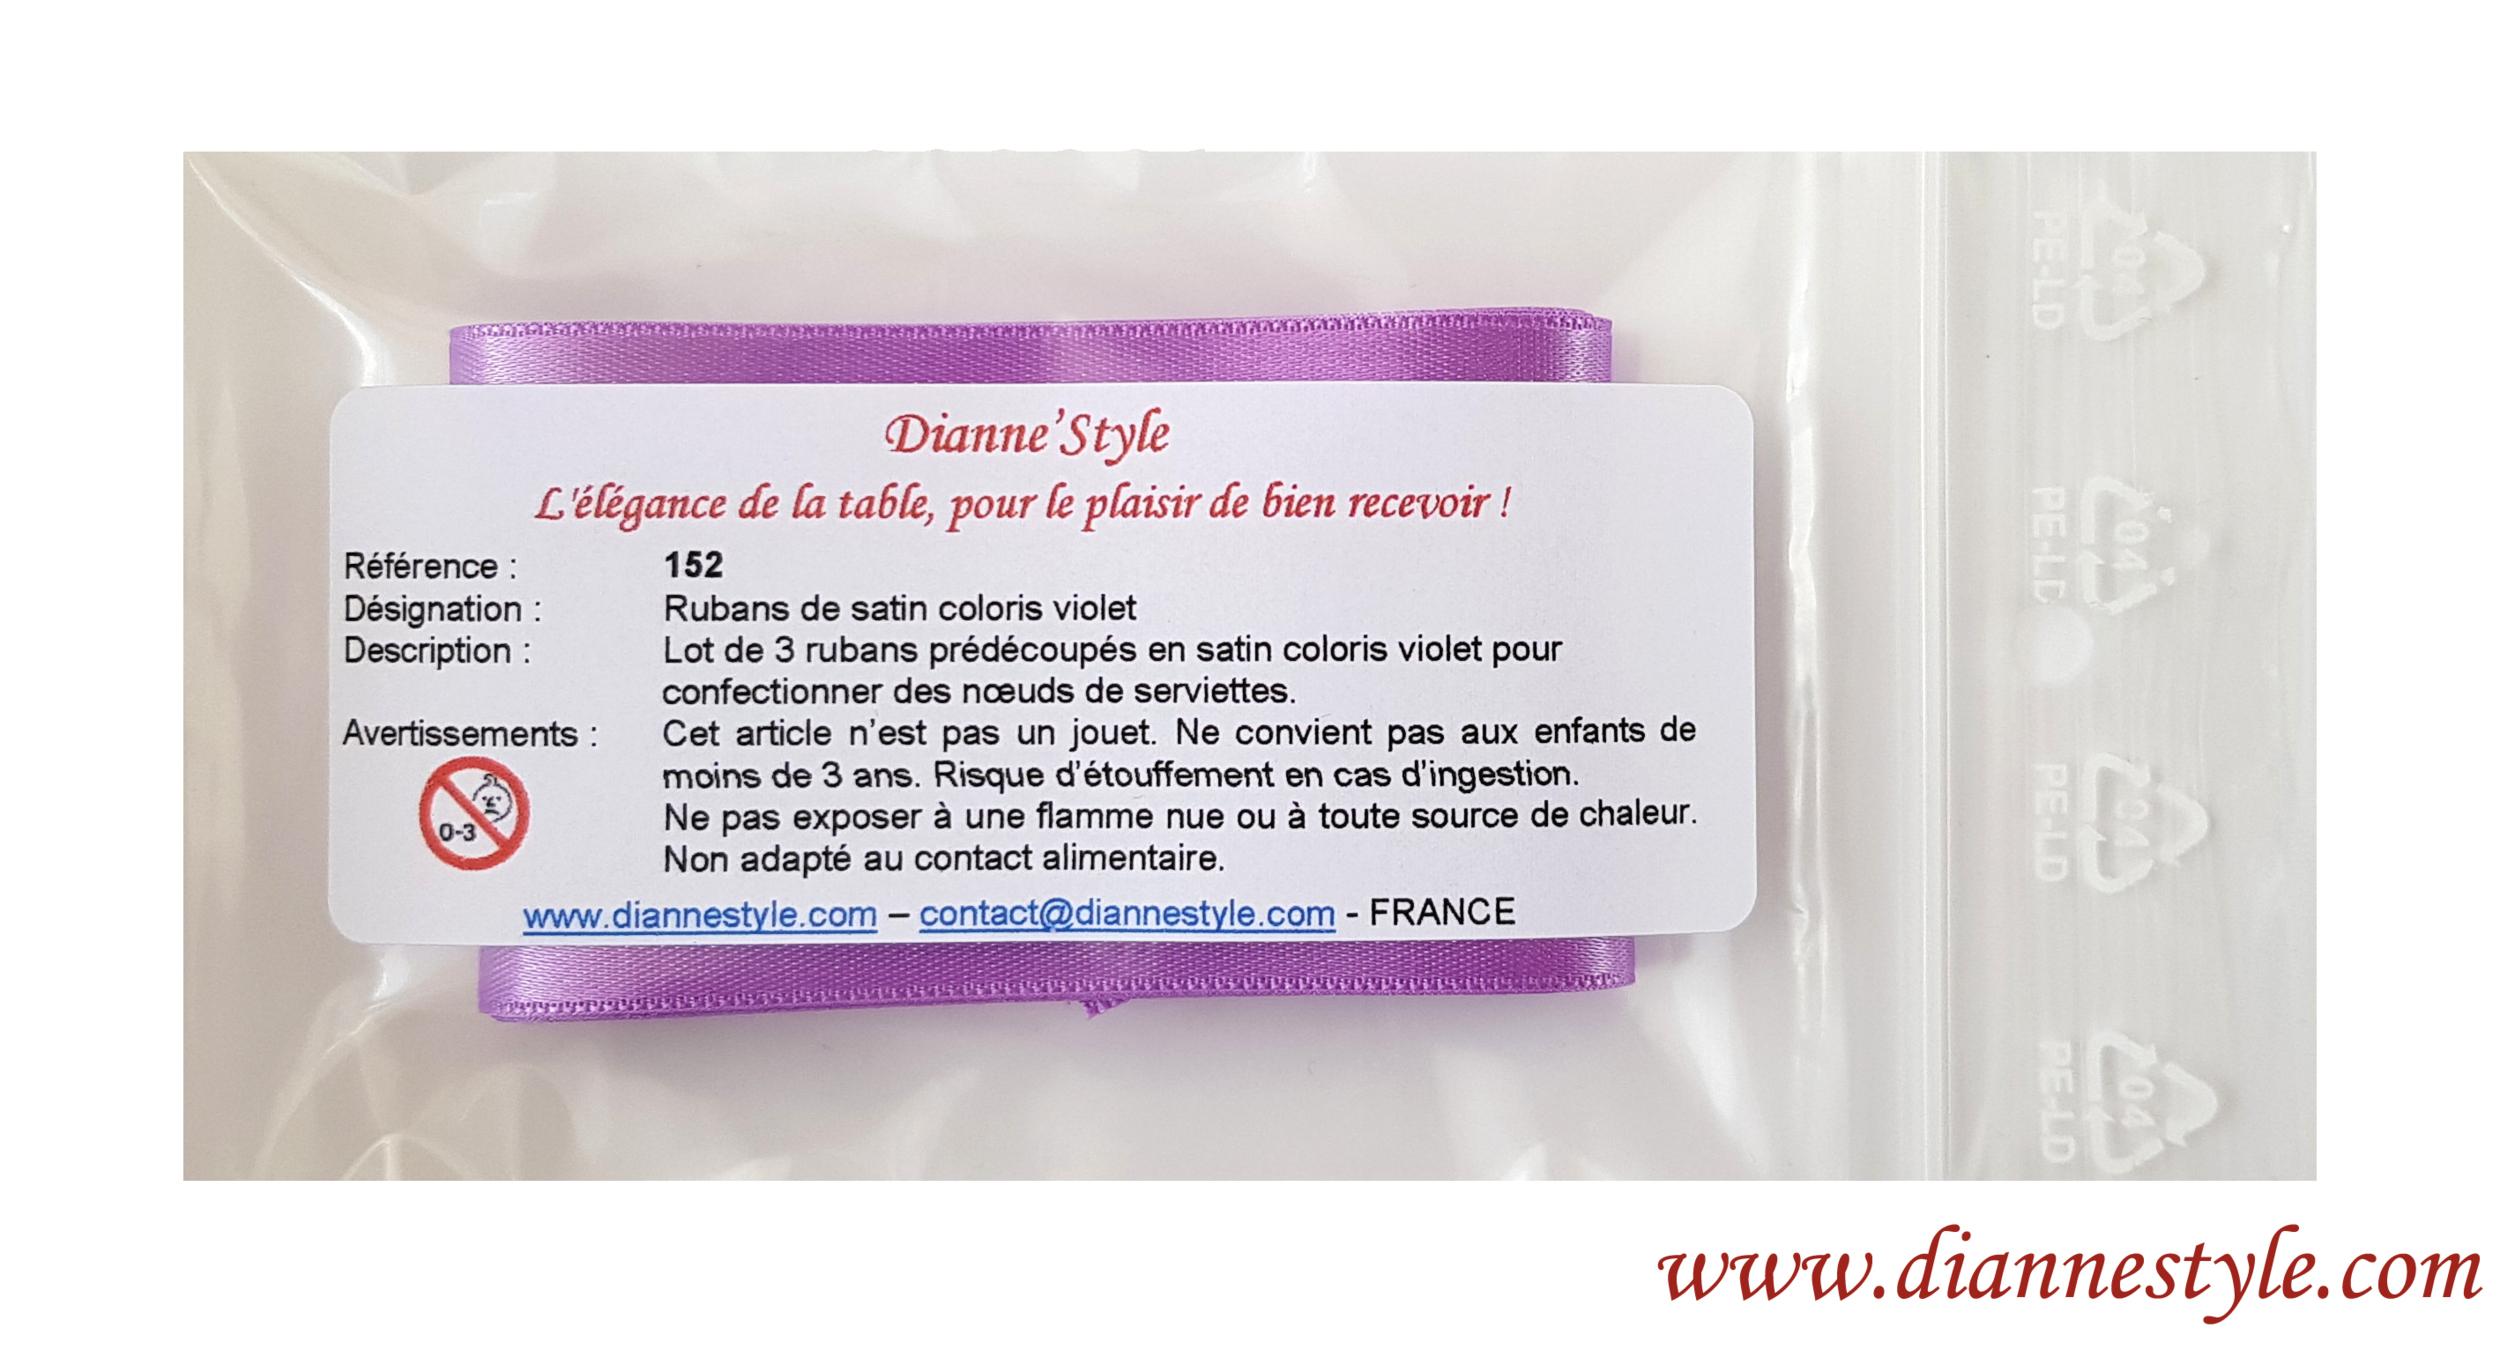 Rubans de satin pour confection de nœuds de serviettes. Coloris mauve. Réf. 152